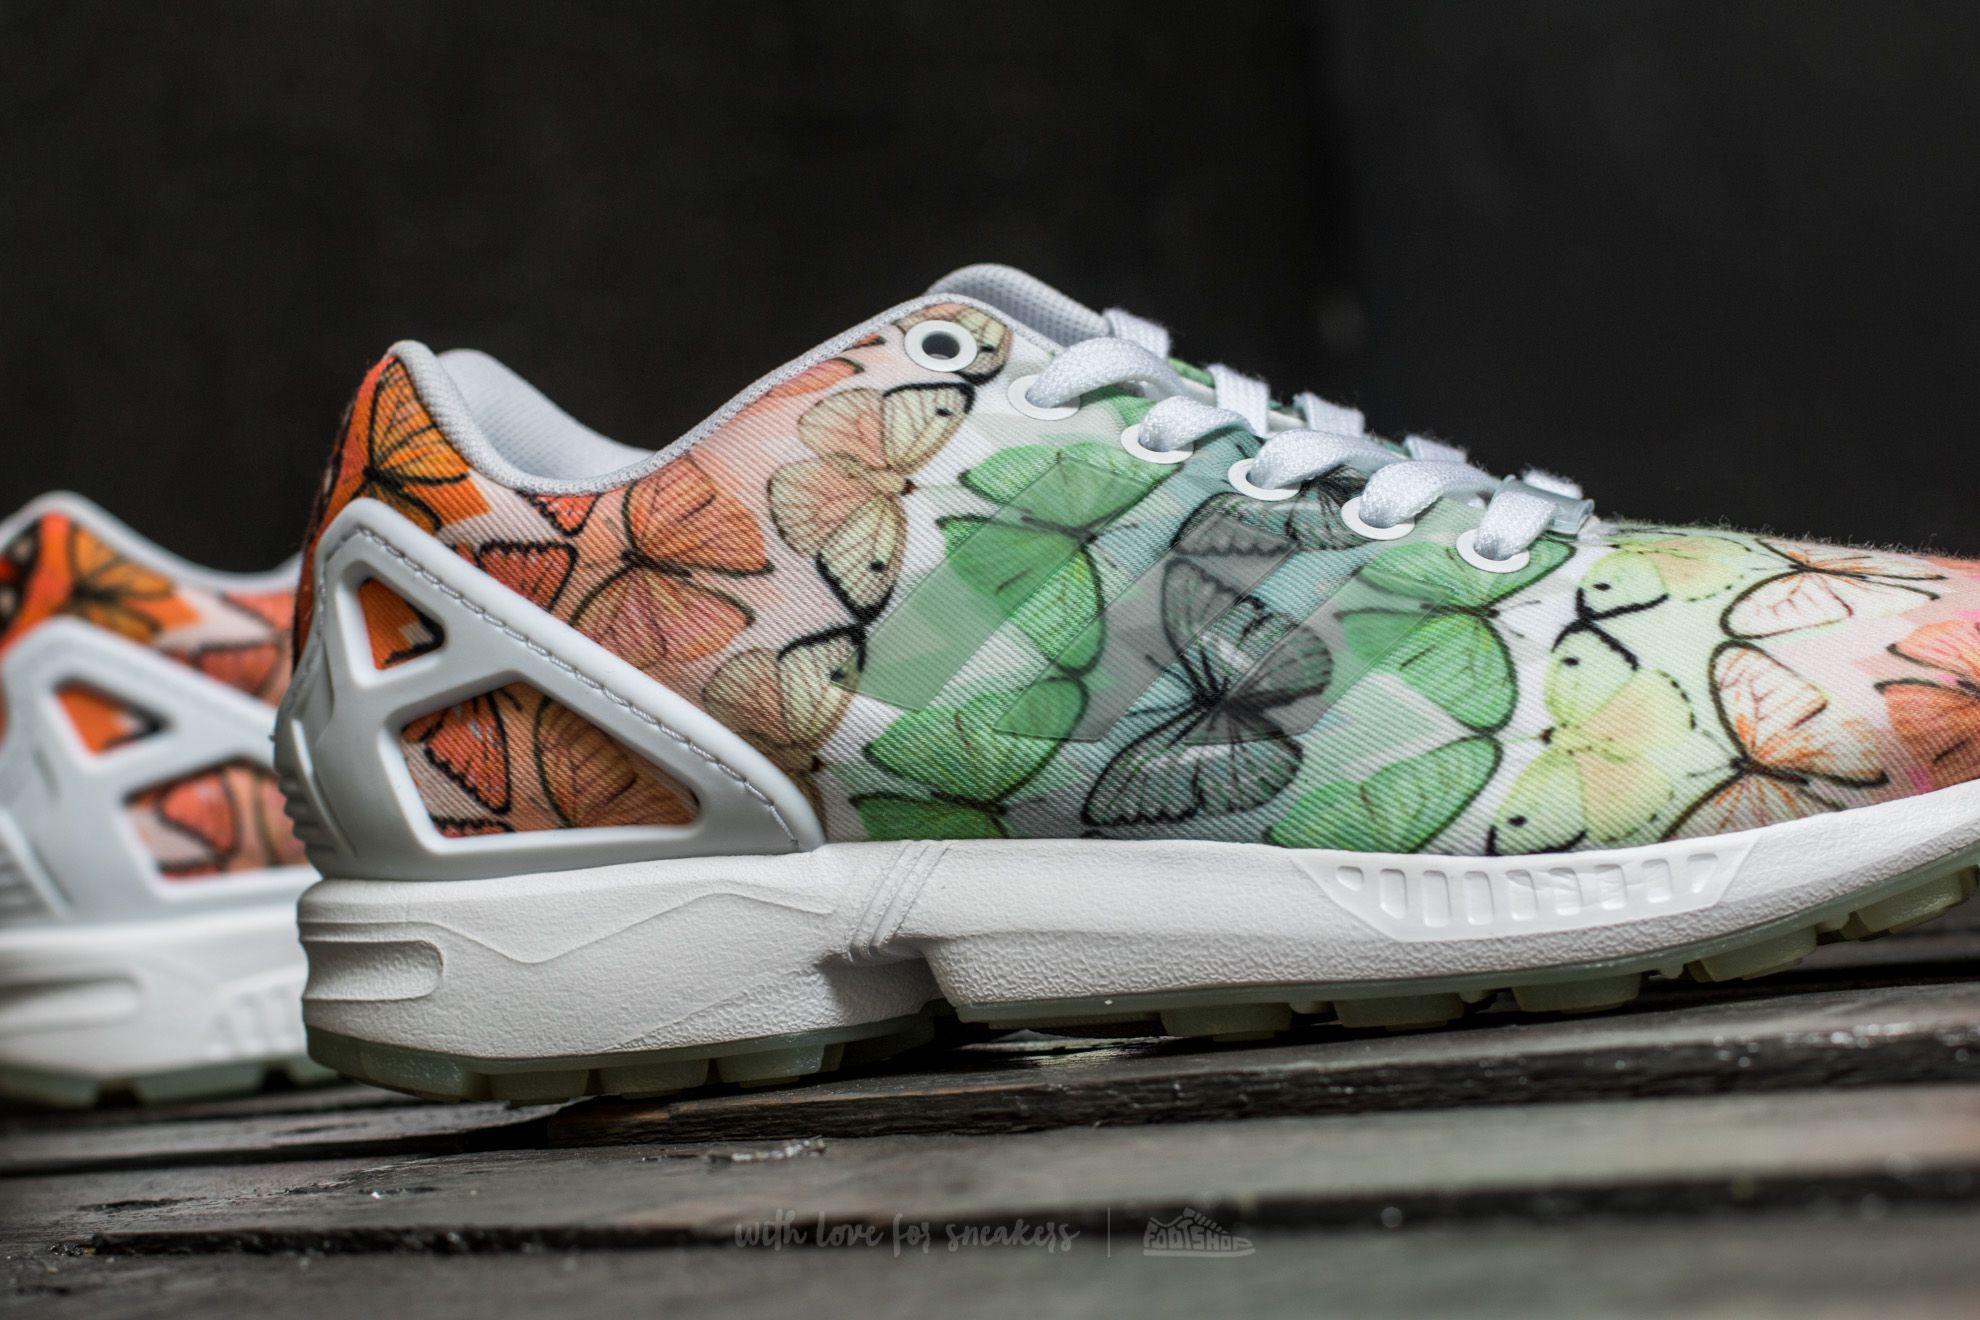 Lyst adidas originali adidas zx flusso w ftw bianco / ftw bianco / lilen